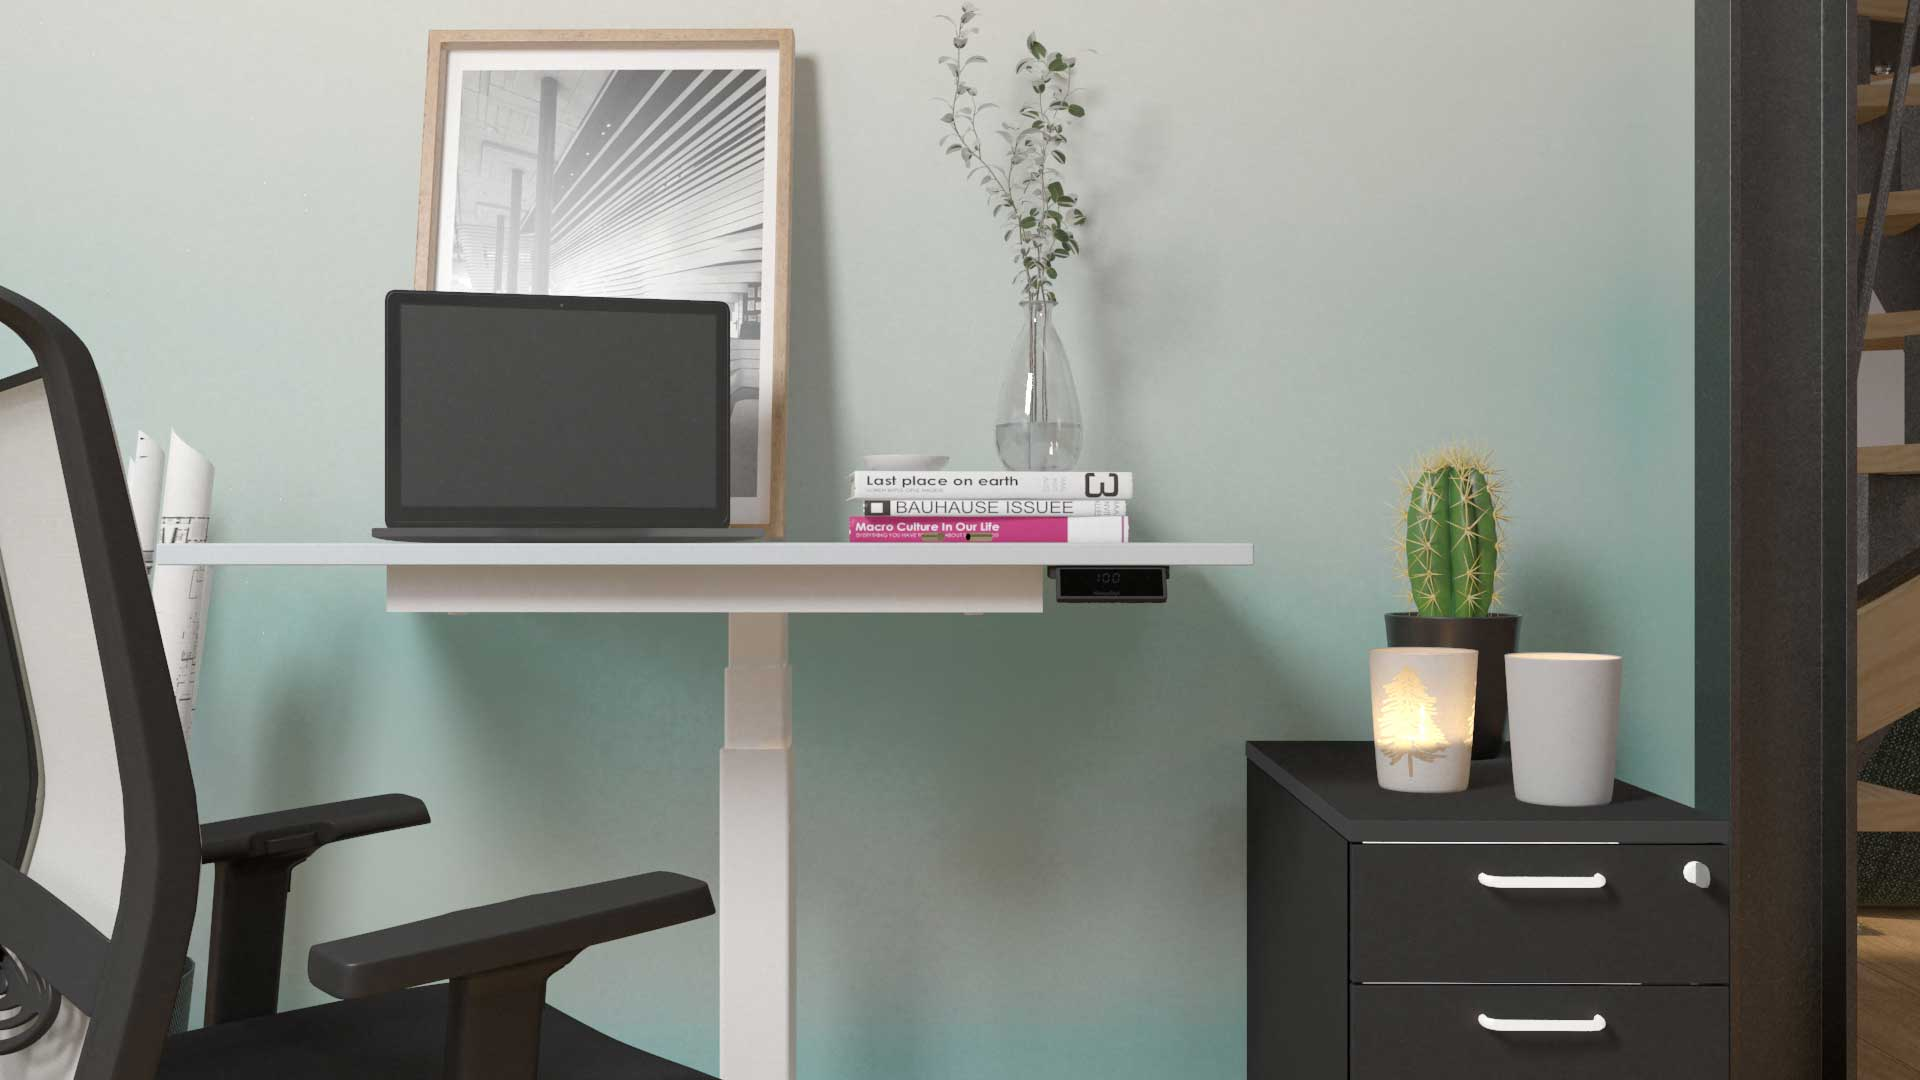 Bürostuhl_höhenverstellbarer_Schreibtisch_hellblaue_Tapete